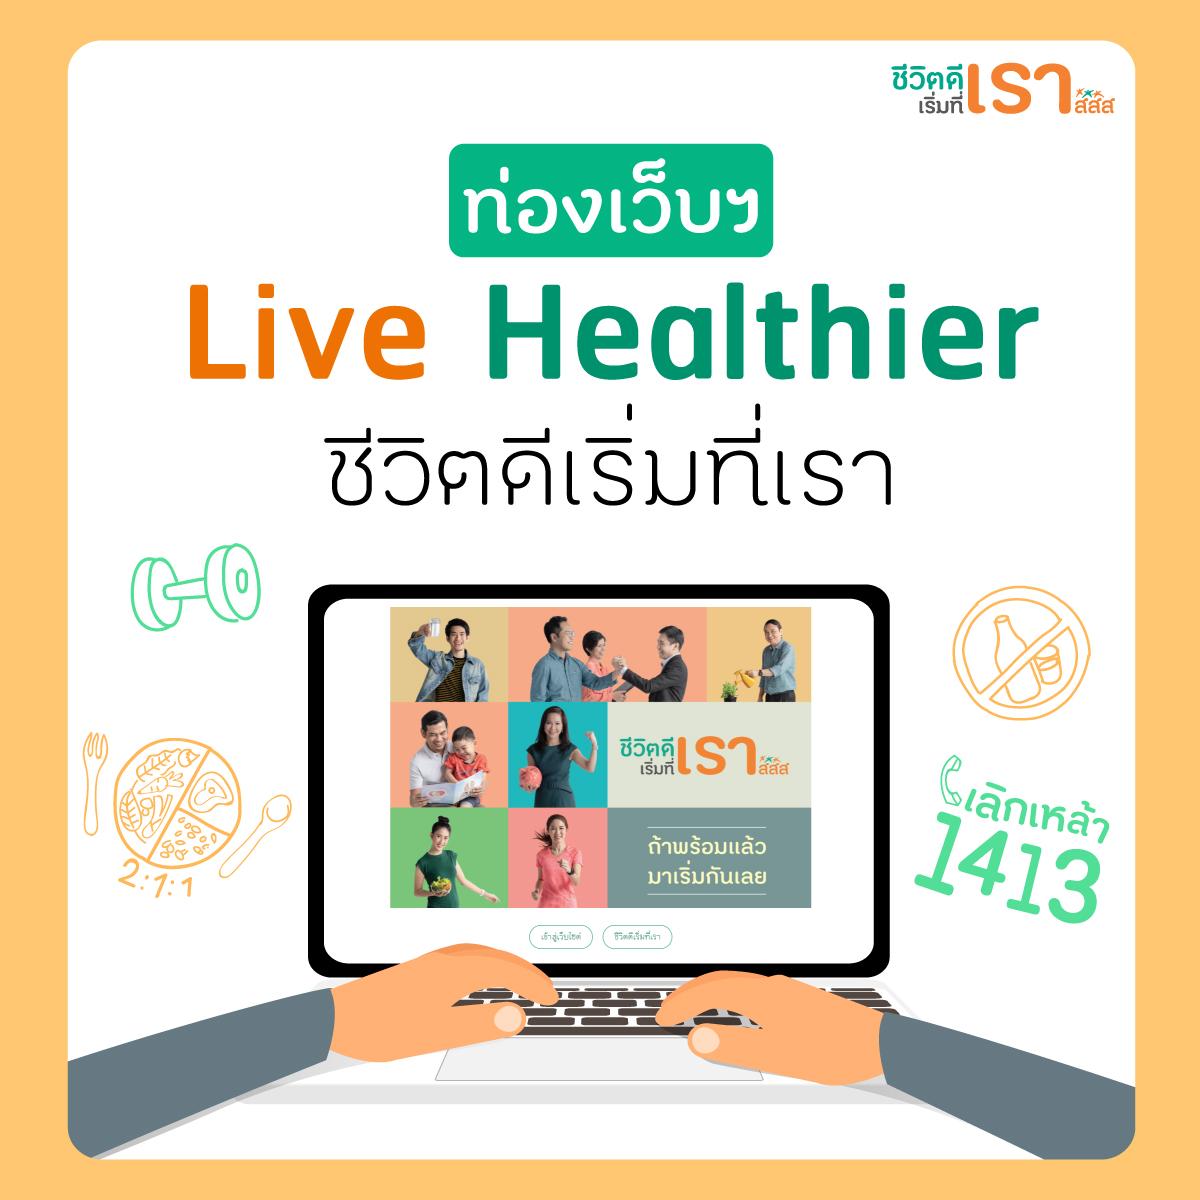 ท่องเว็บฯ  Livehealthier ชีวิตดีเริ่มที่เรา  thaihealth